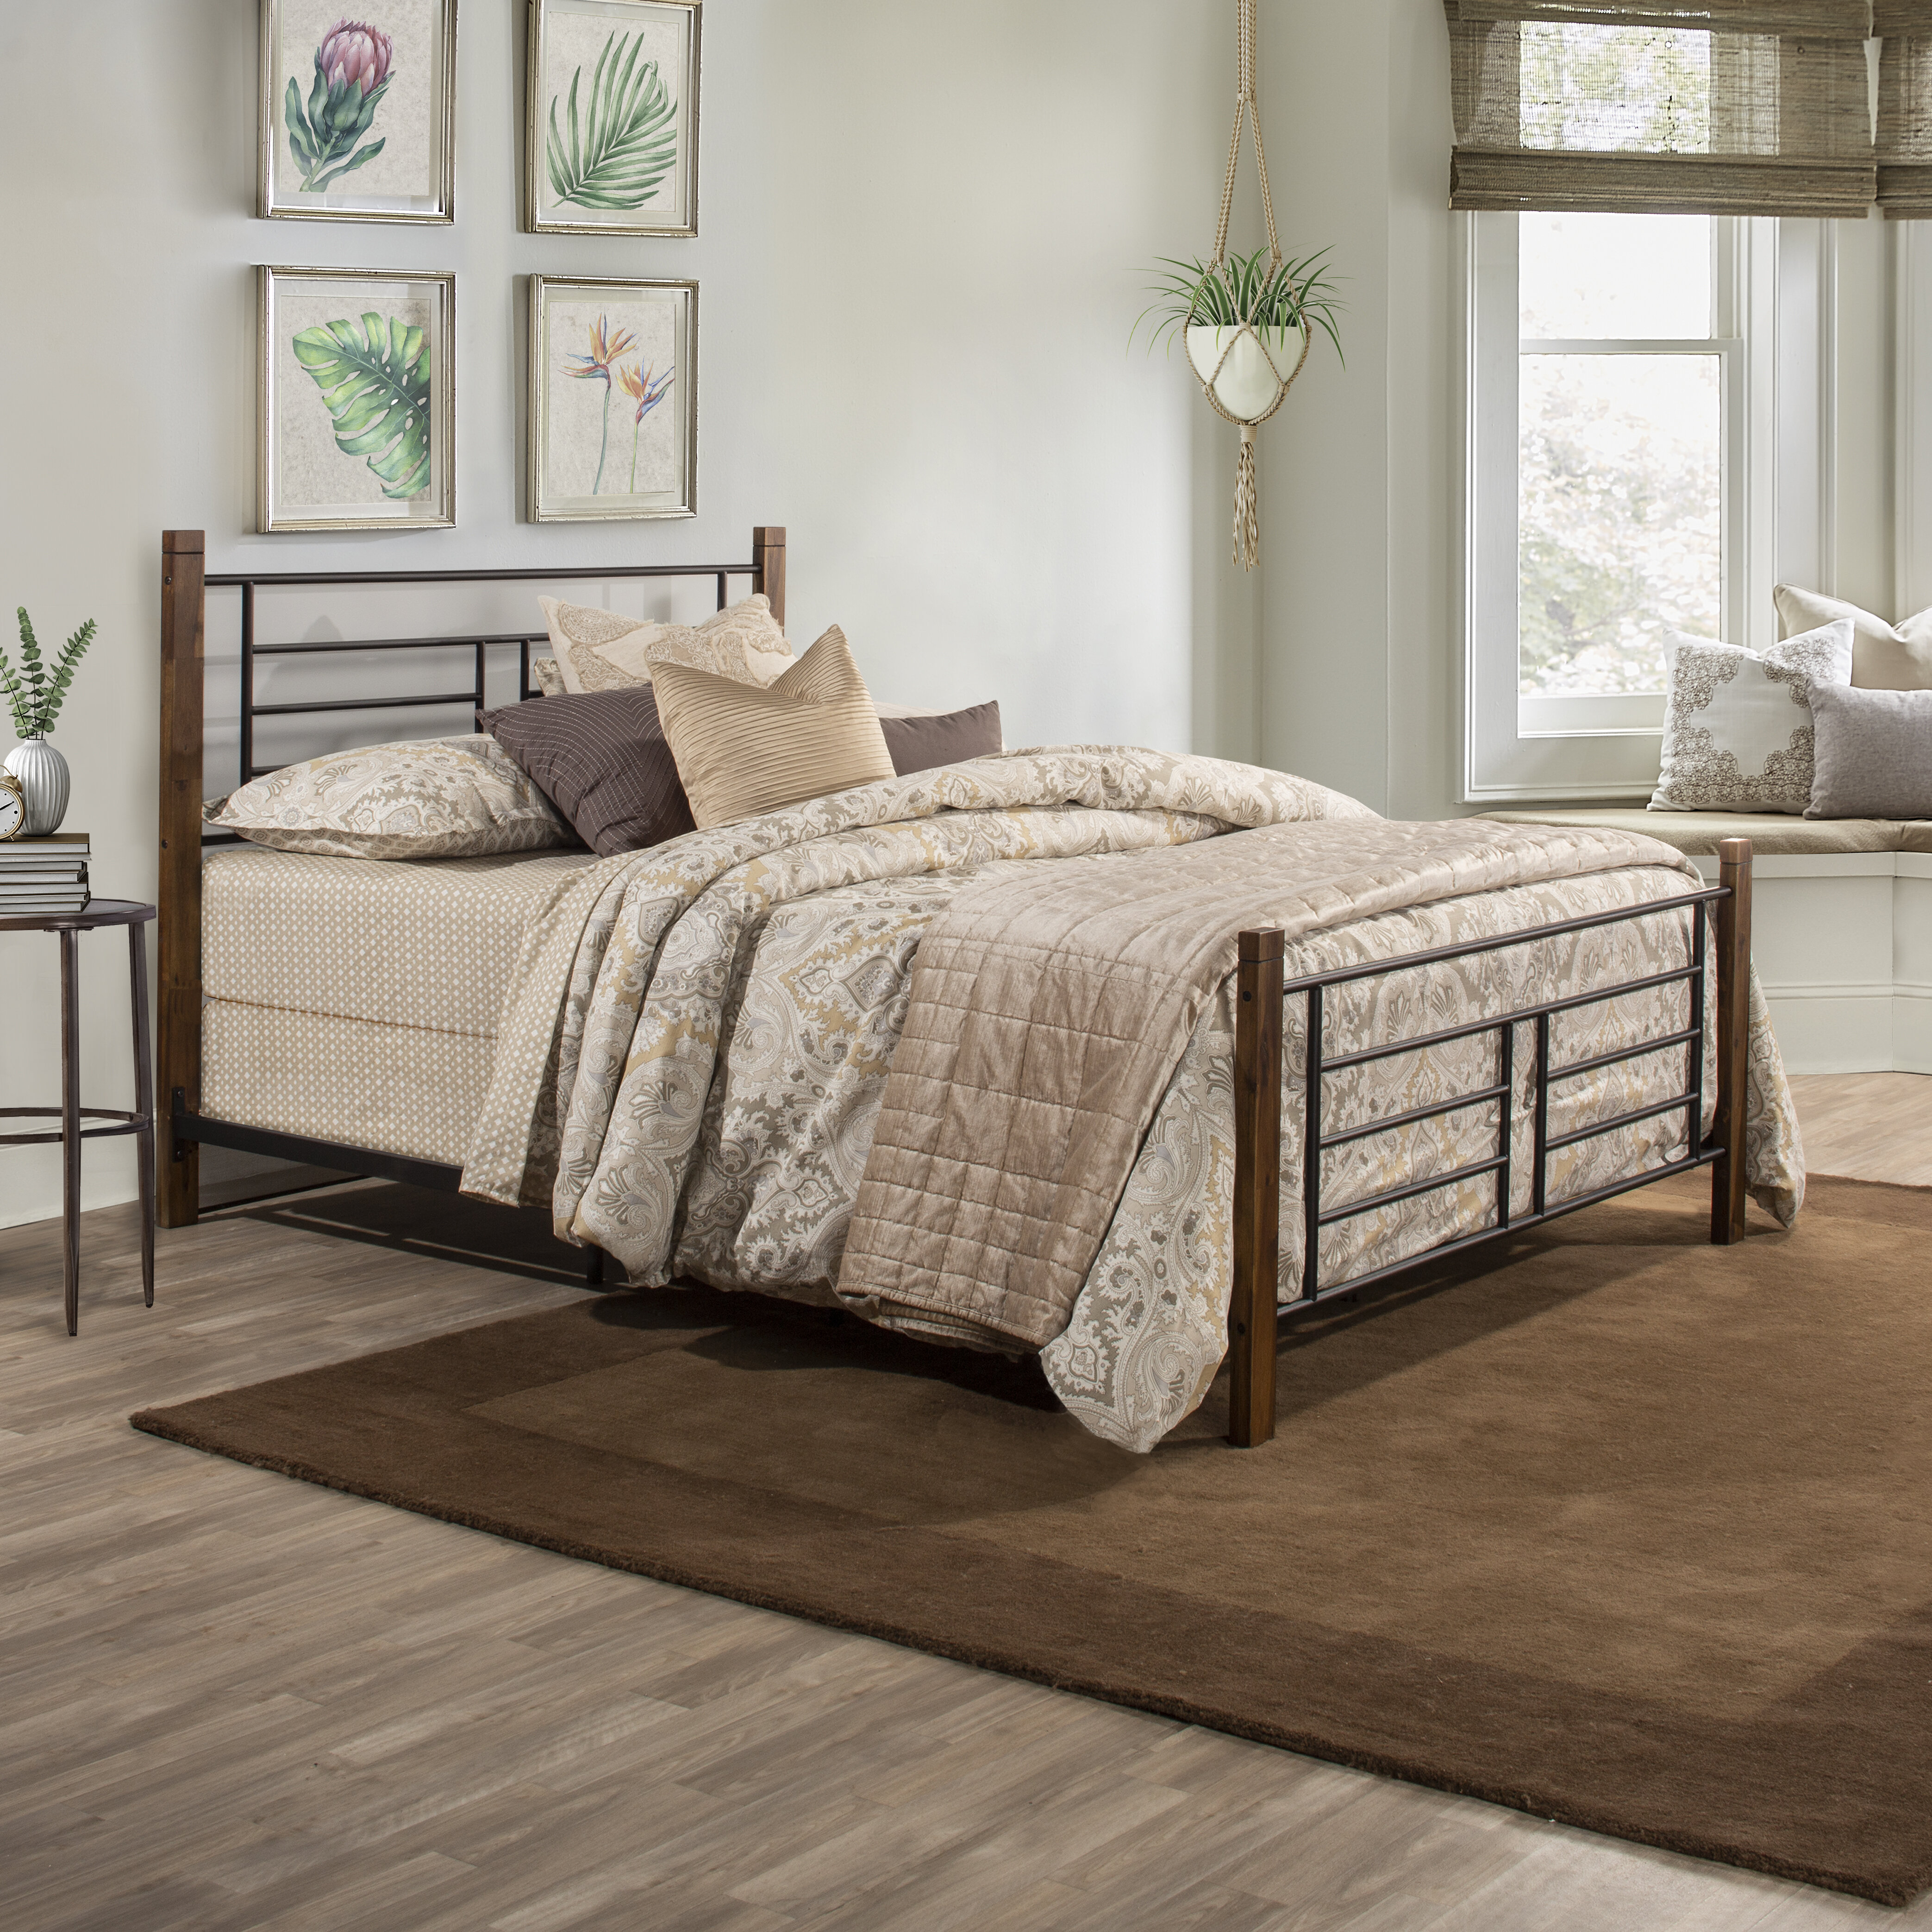 Loon Peak Cottleville Metal Wood Posts Standard Bed Reviews Wayfair